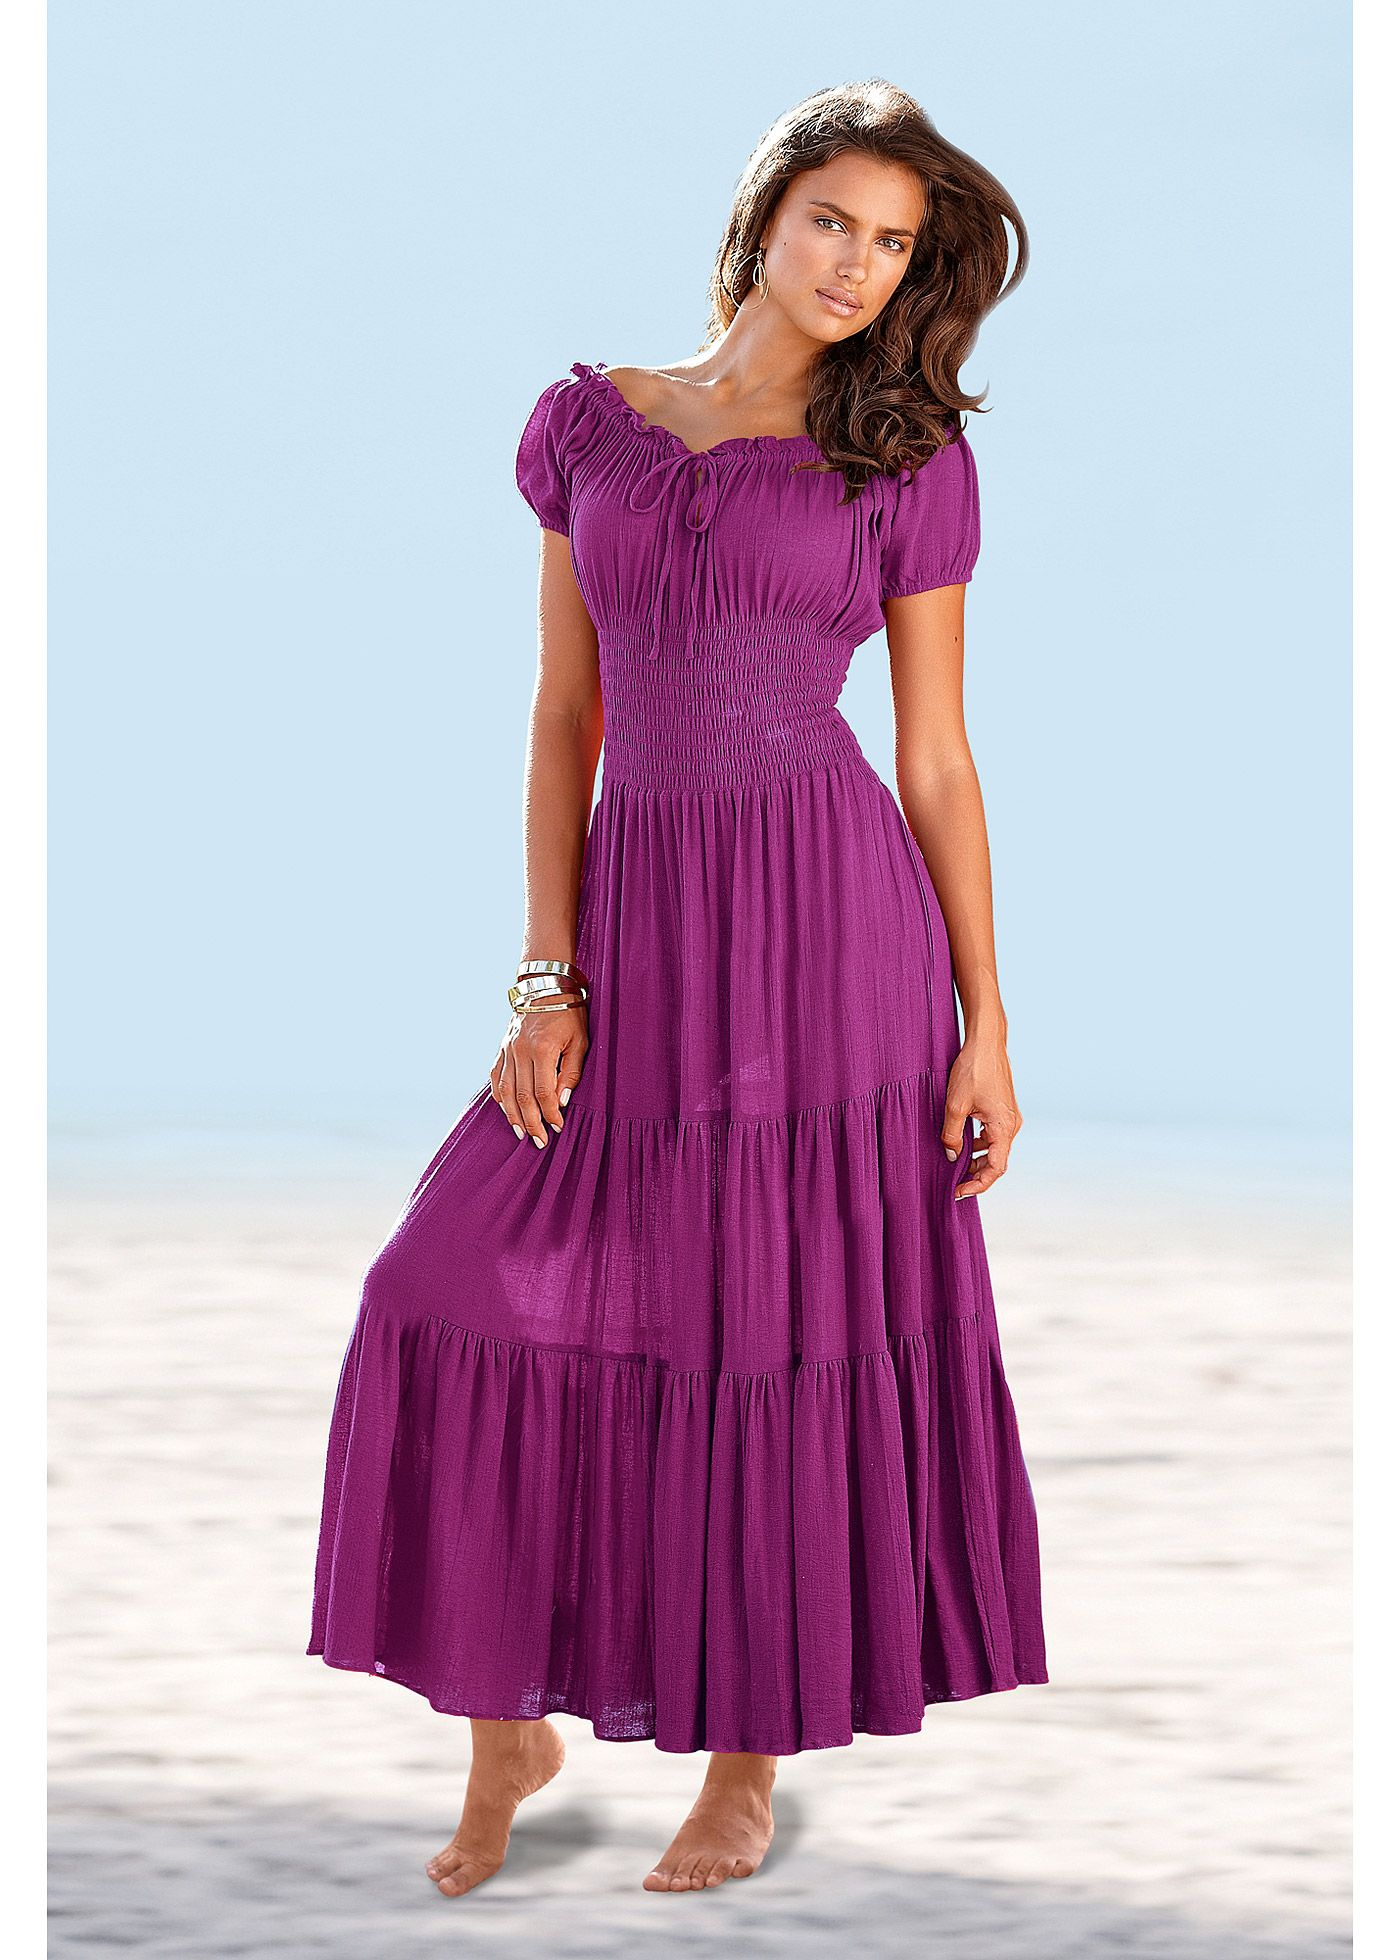 Vestido cigana longo vermelho encomendar agora na loja on-line ...